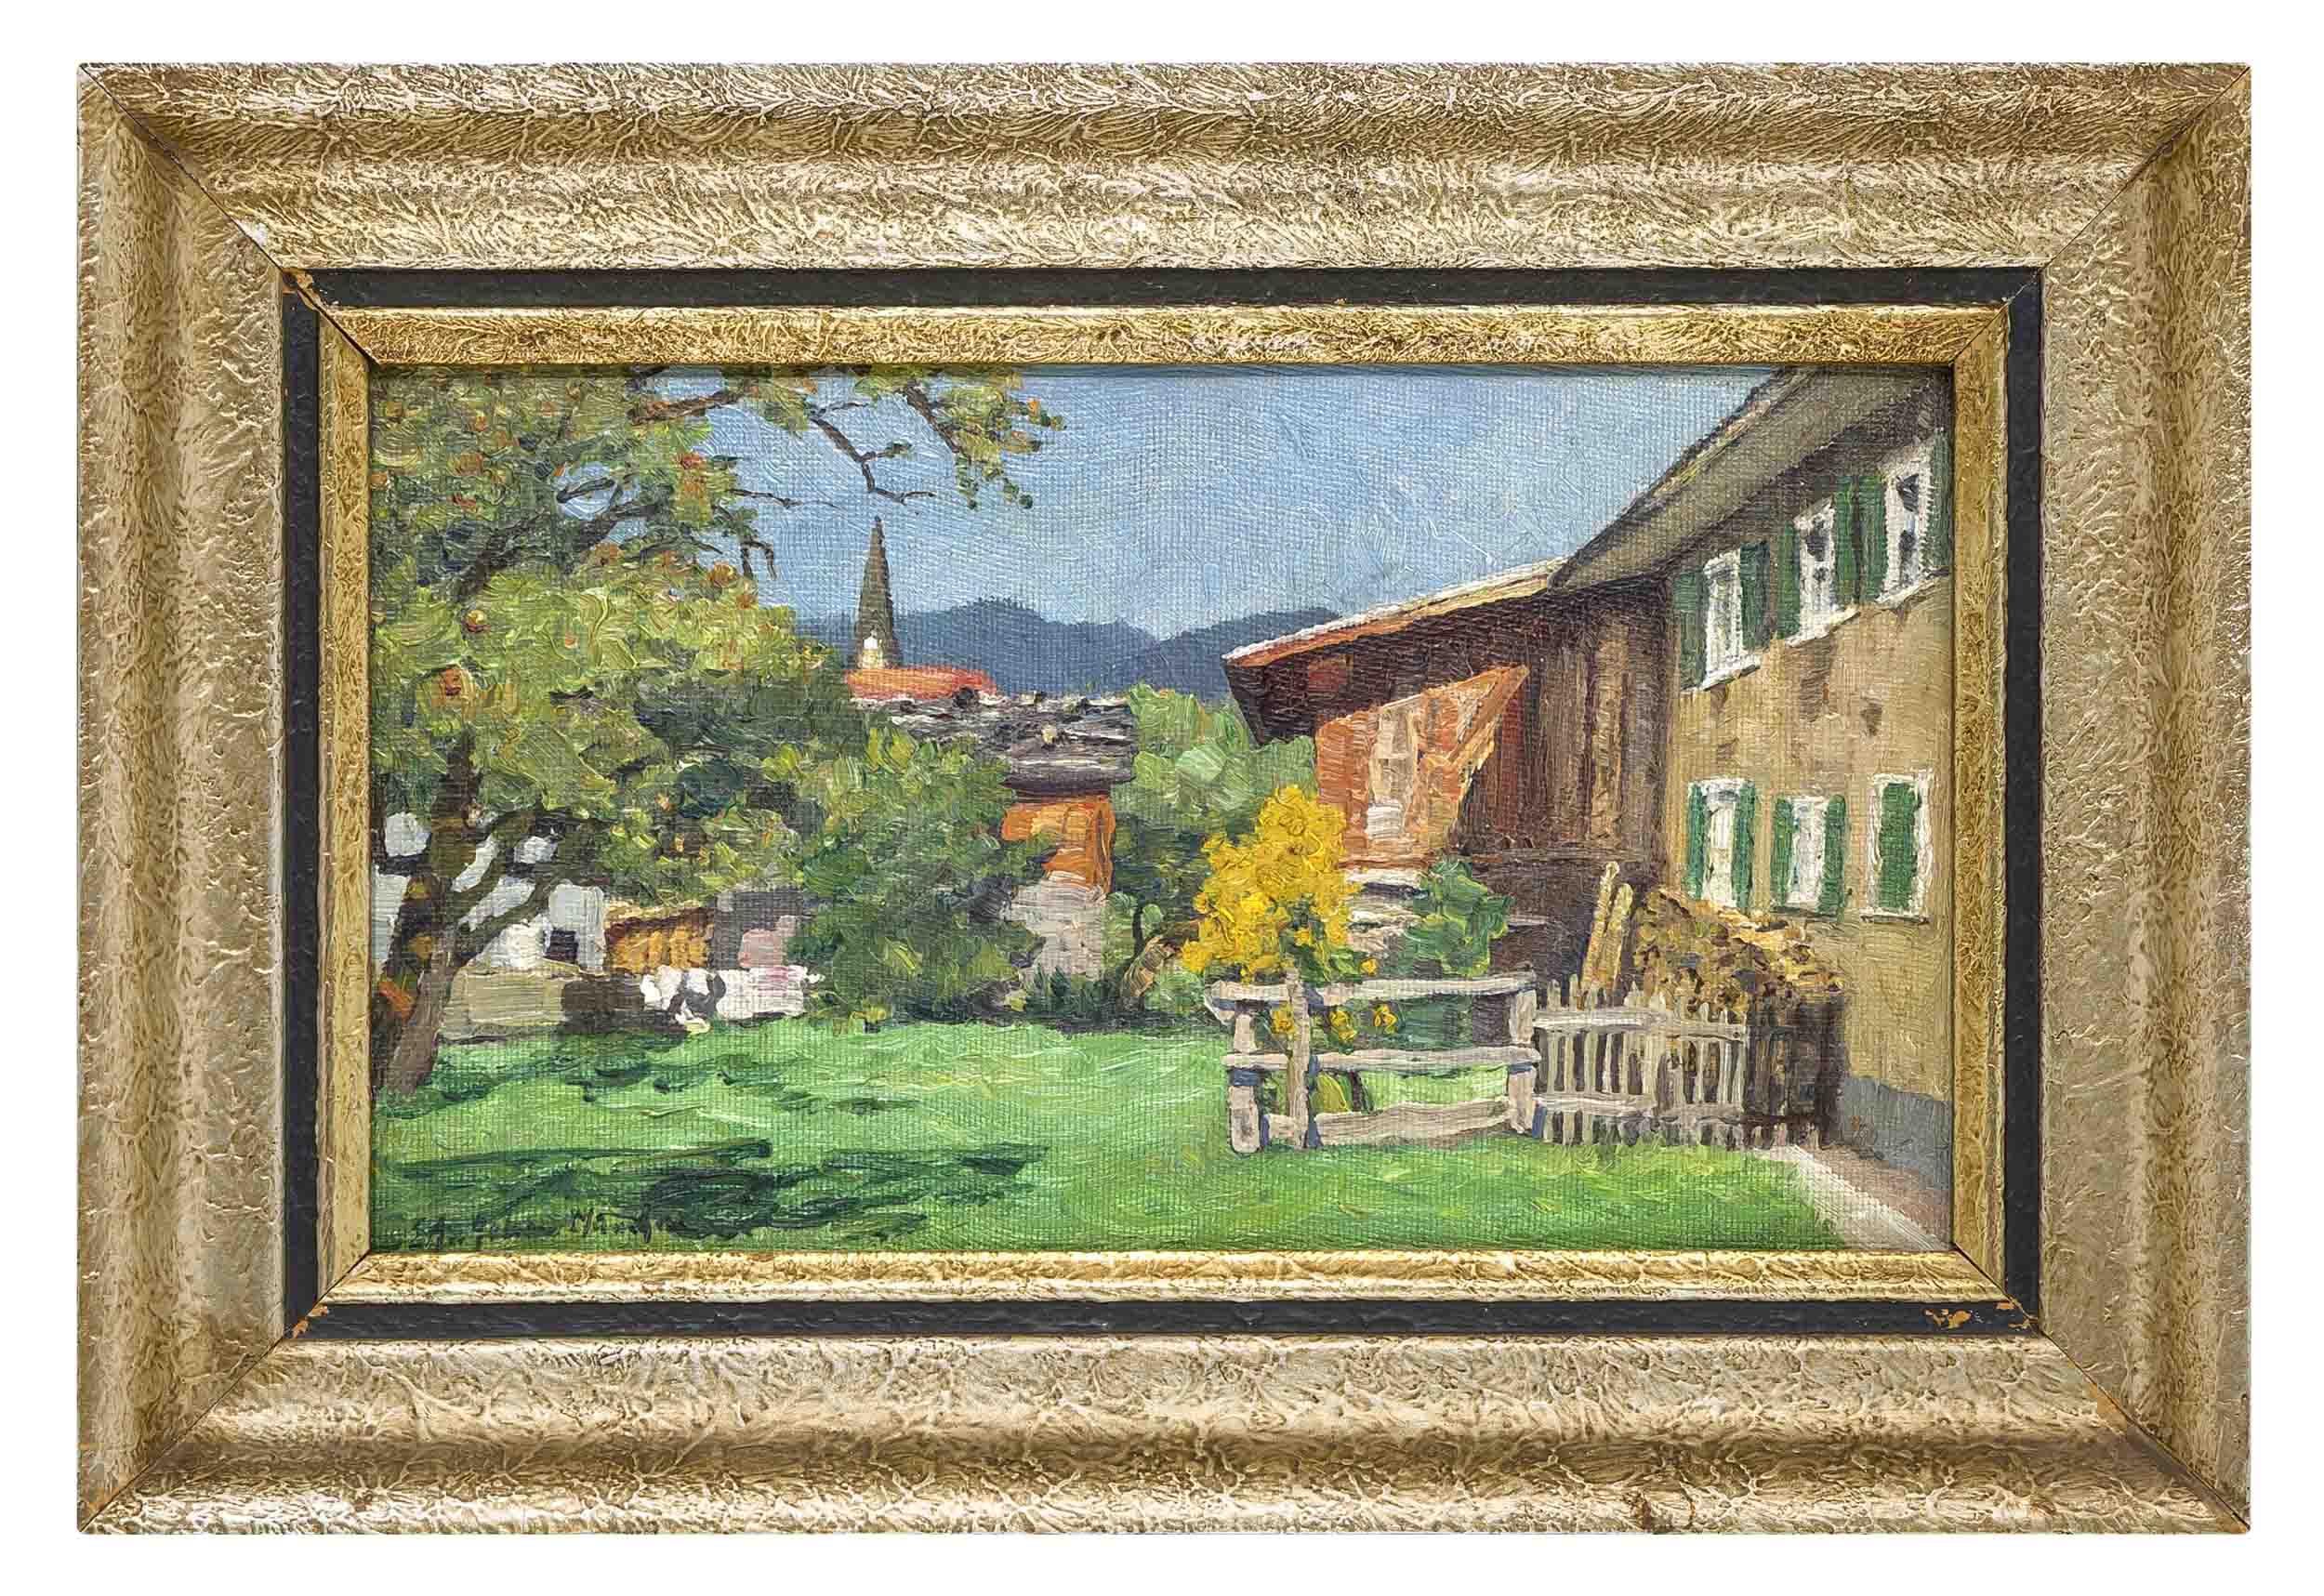 Source: Bolland & Marotz Hanseat. Auktionshaus Bremen